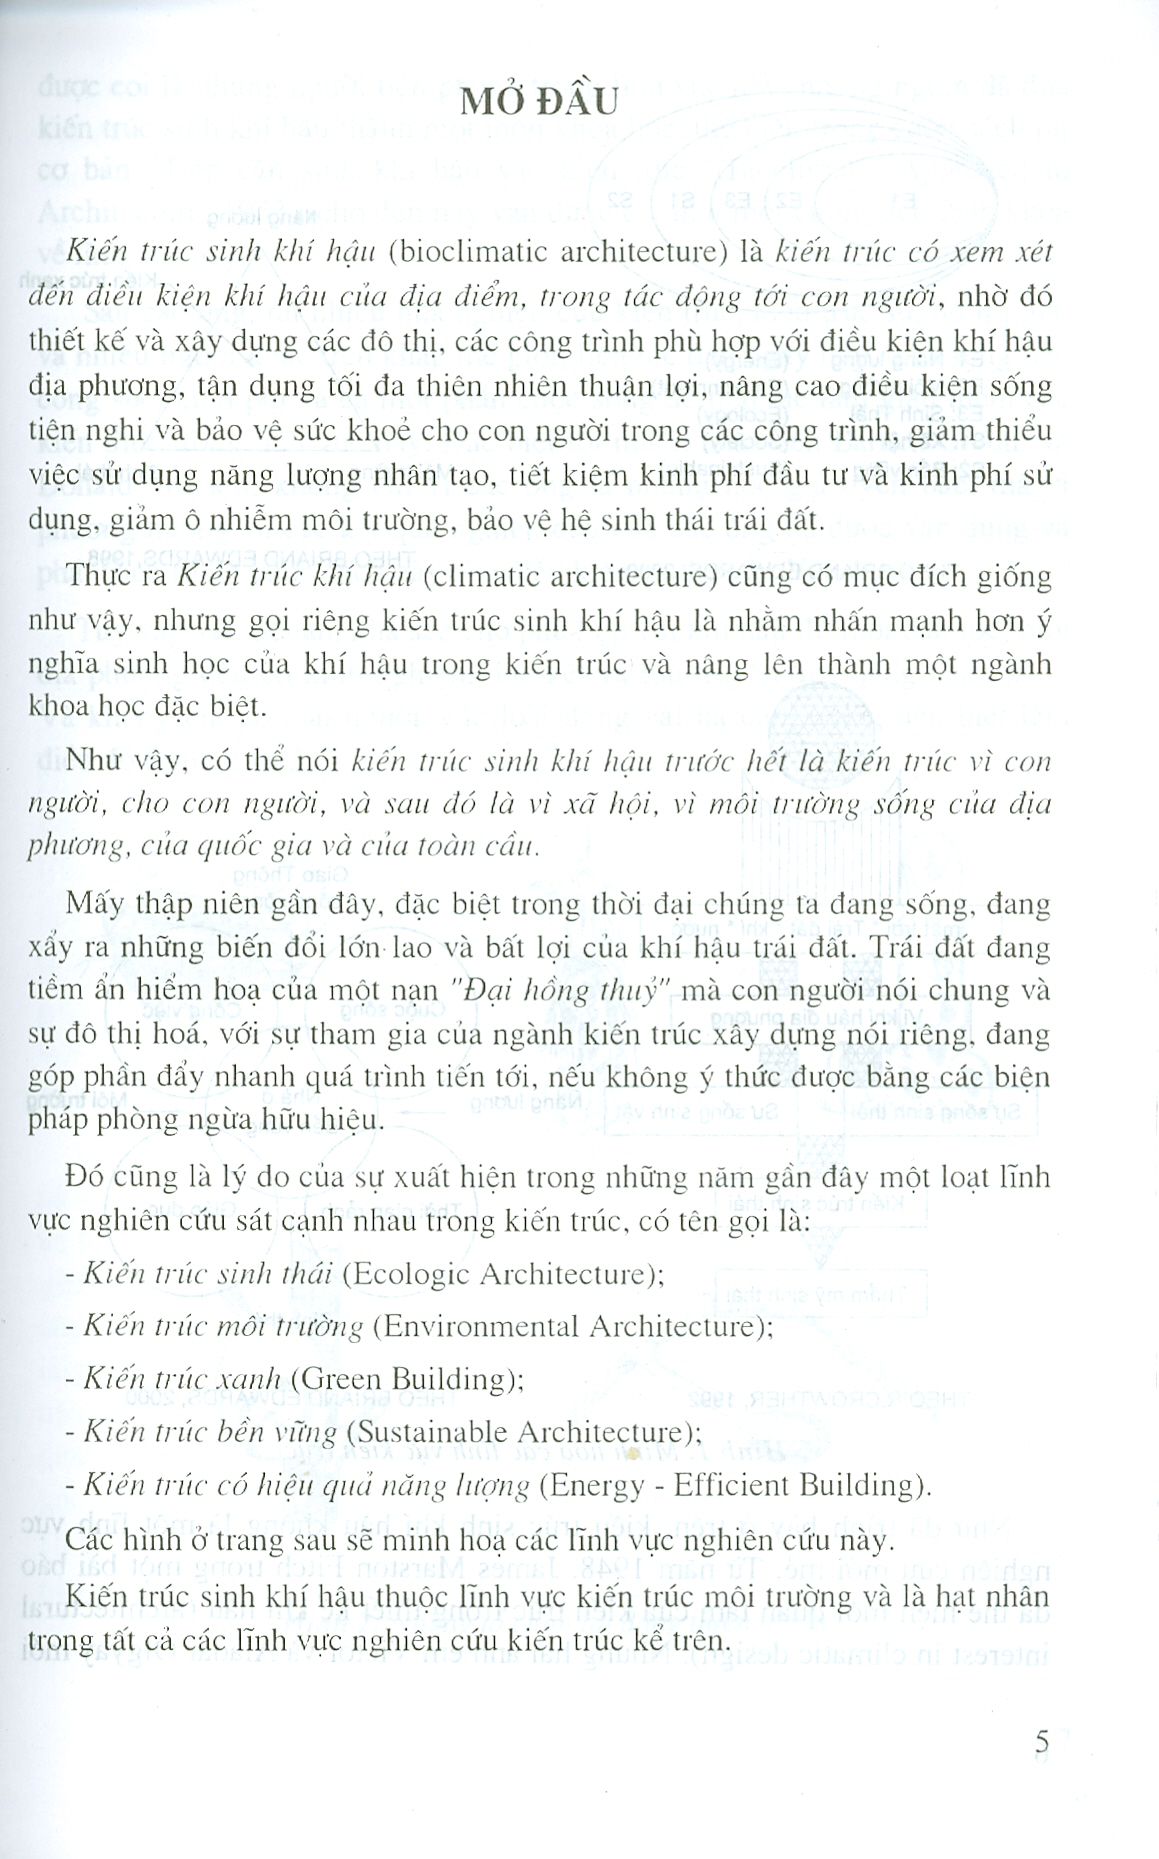 Kiến Trúc Sinh Khí Hậu - Thiết Kế Sinh Khí Hậu Trong Kiến Trúc Việt Nam